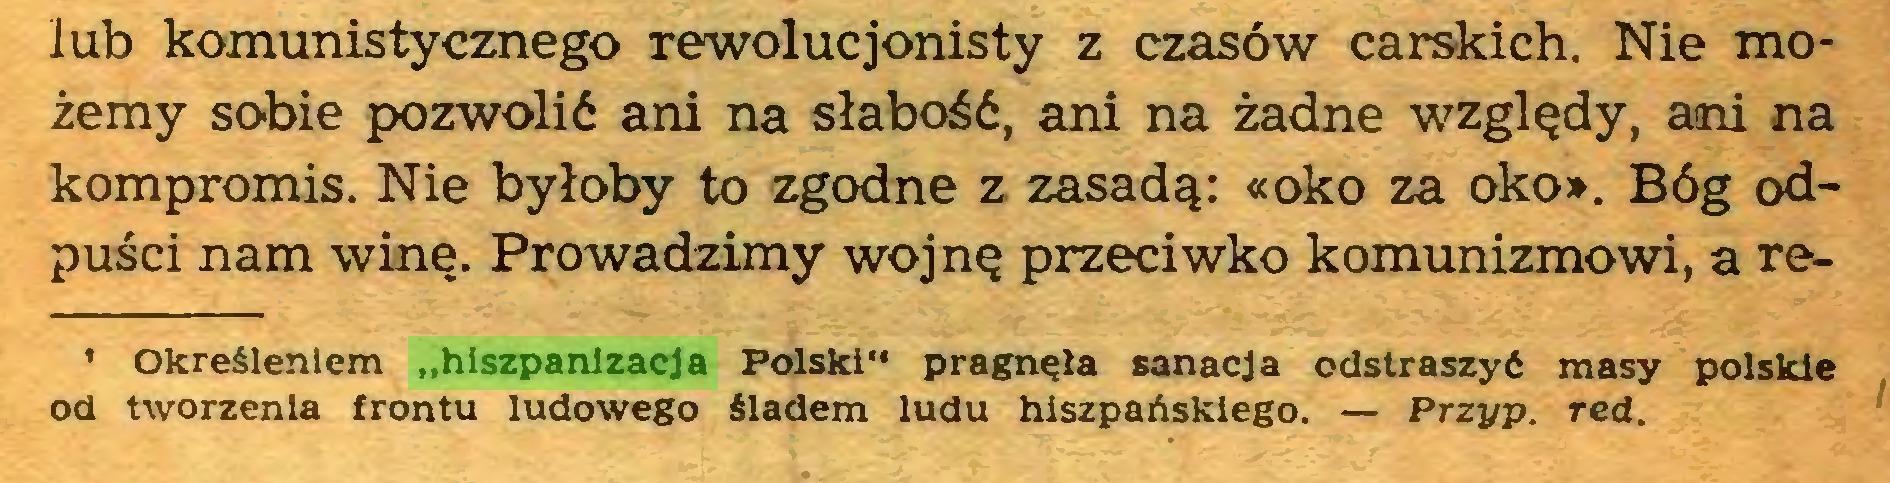 """(...) lub komunistycznego rewolucjonisty z czasów carskich. Nie możemy sobie pozwolić ani na słabość, ani na żadne względy, ani na kompromis. Nie byłoby to zgodne z zasadą: «oko za oko». Bóg odpuści nam winę. Prowadzimy wojnę przeciwko komunizmowi, a re1 Określeniem """"hiszpanizacja Polski"""" pragnęła sanacja odstraszyć masy polskie od tworzenia frontu ludowego śladem ludu hiszpańskiego. — Przyp. red..."""